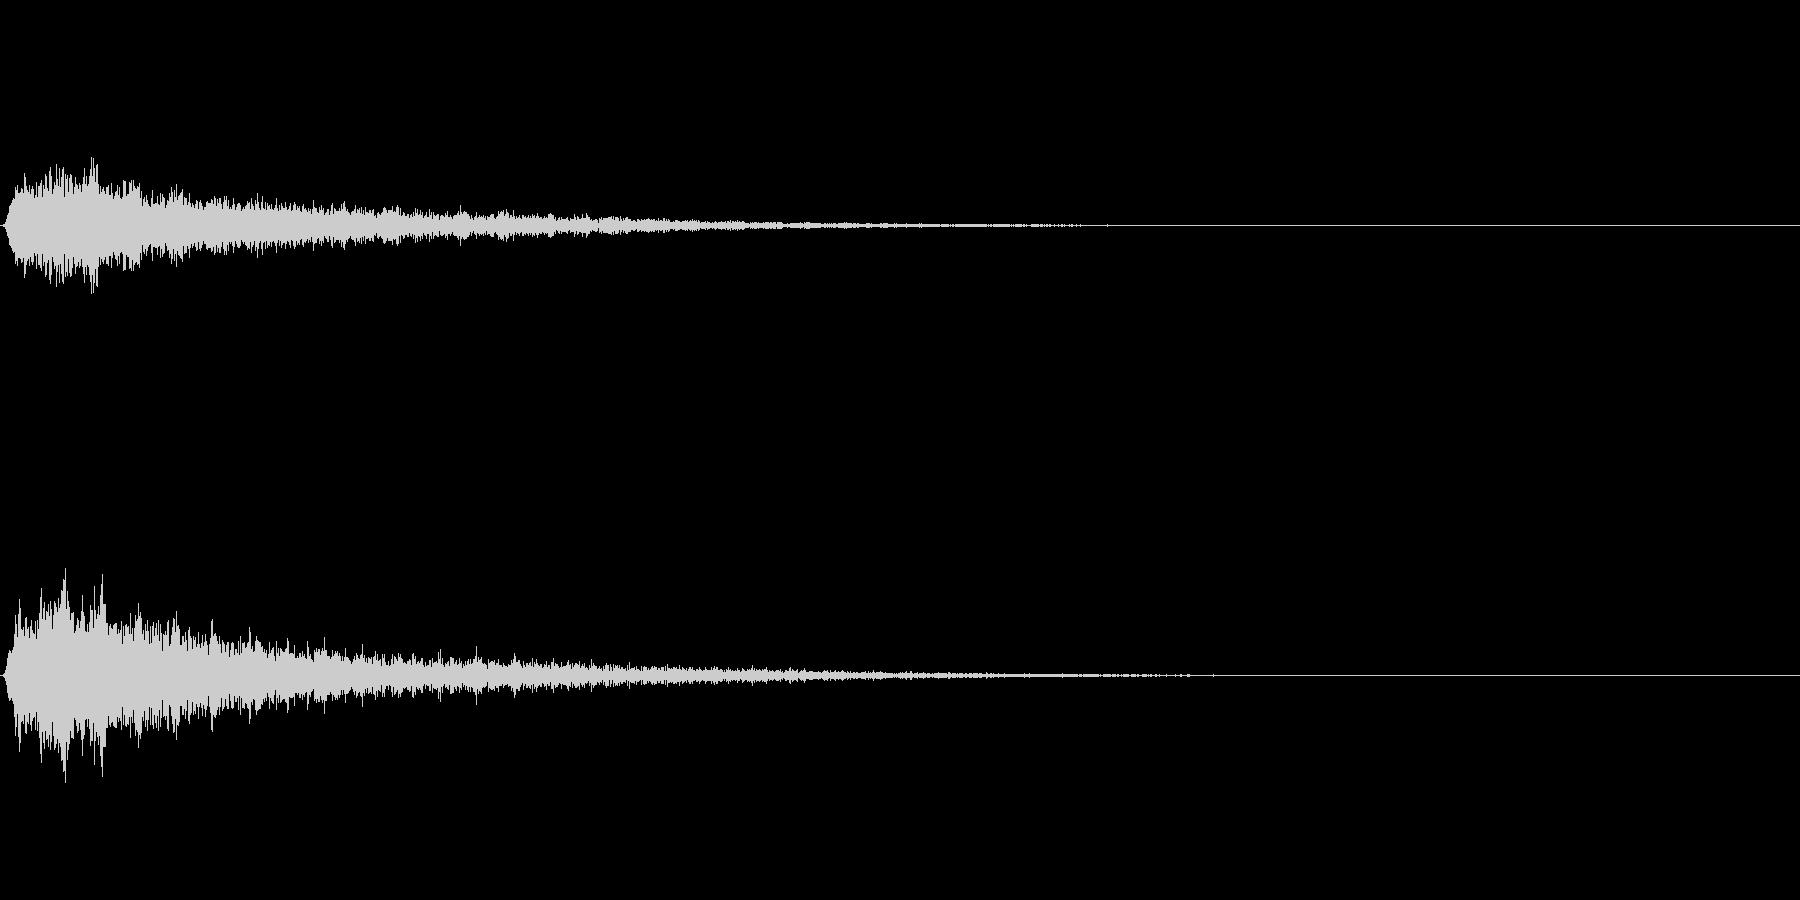 シュワーン② (SF扉が開く音)の未再生の波形